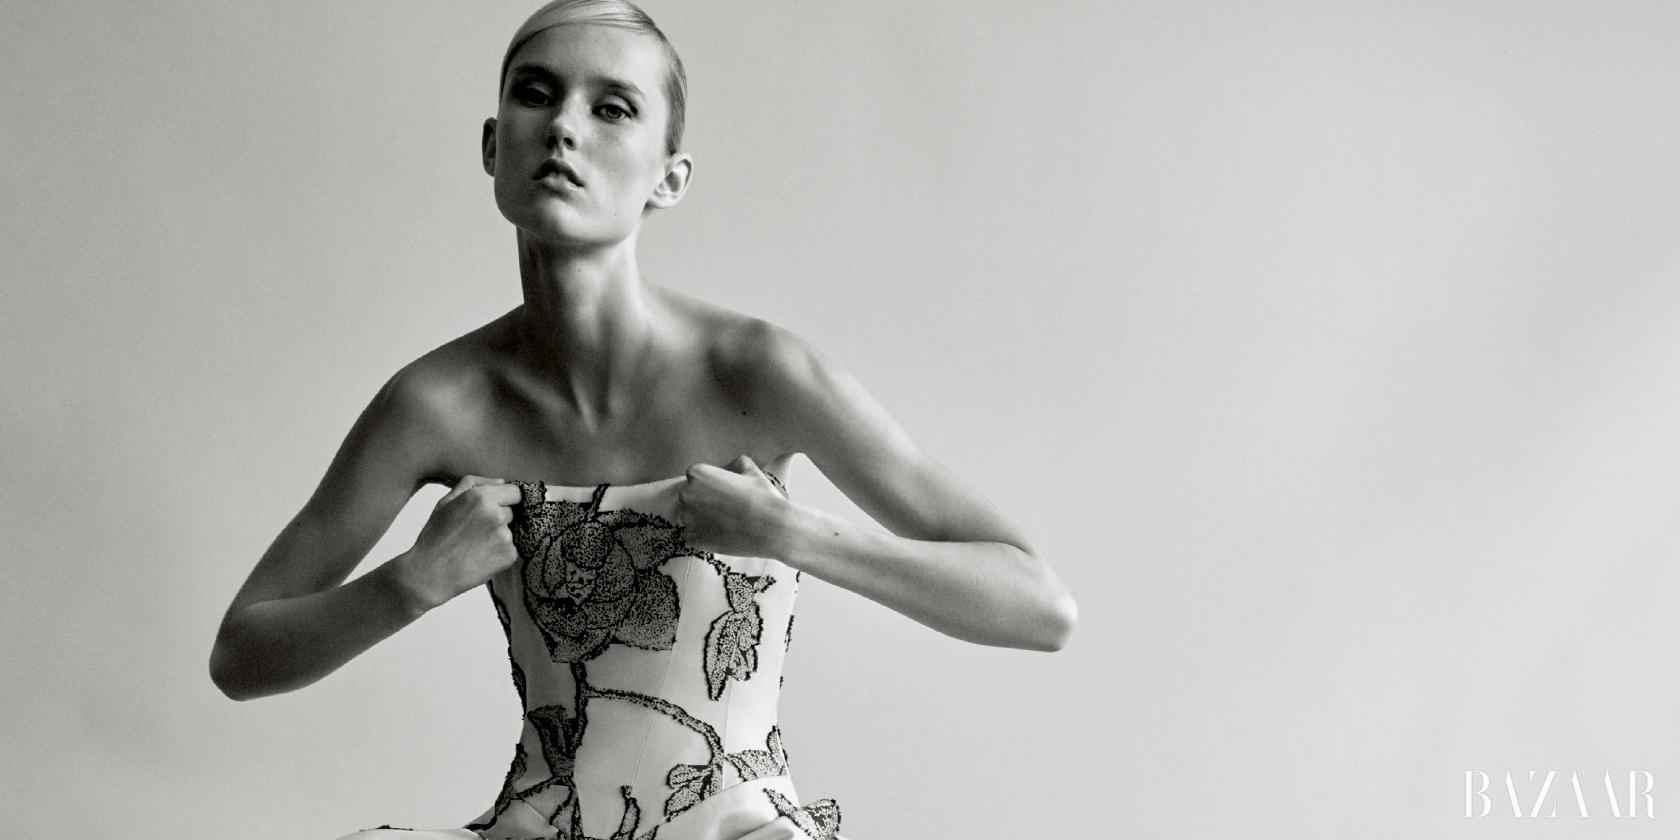 디자이너 캐롤리나 헤레라가 패션 디자이너로서 35주년을 기념하는 새로운 책 출간과 함께 여배우 르네 젤위거에게 자신의 길을 구축하는 것과 앞으로의 계획에 대해 이야기한다.